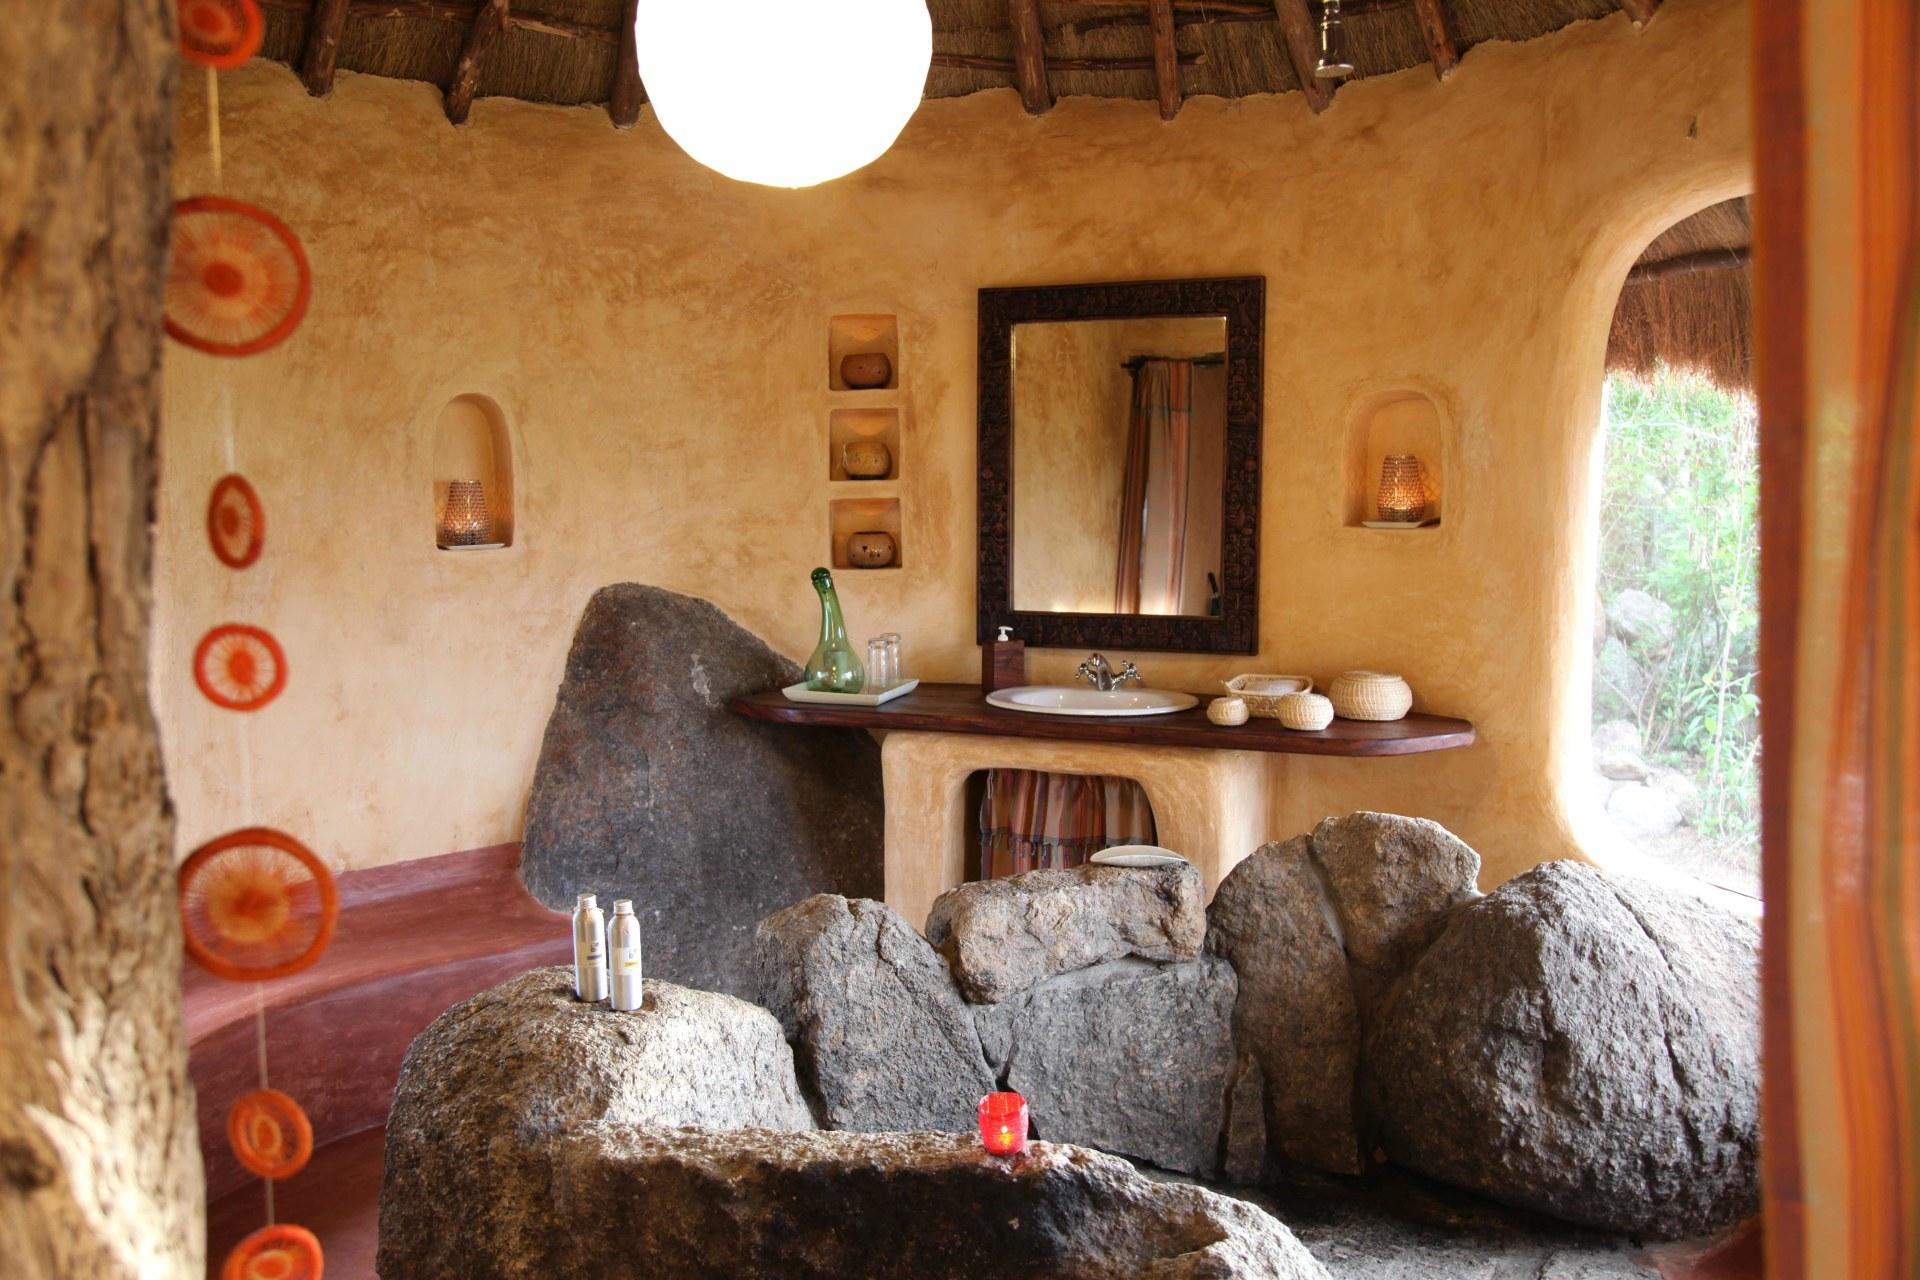 Badezimmer der Mihingo Lodge